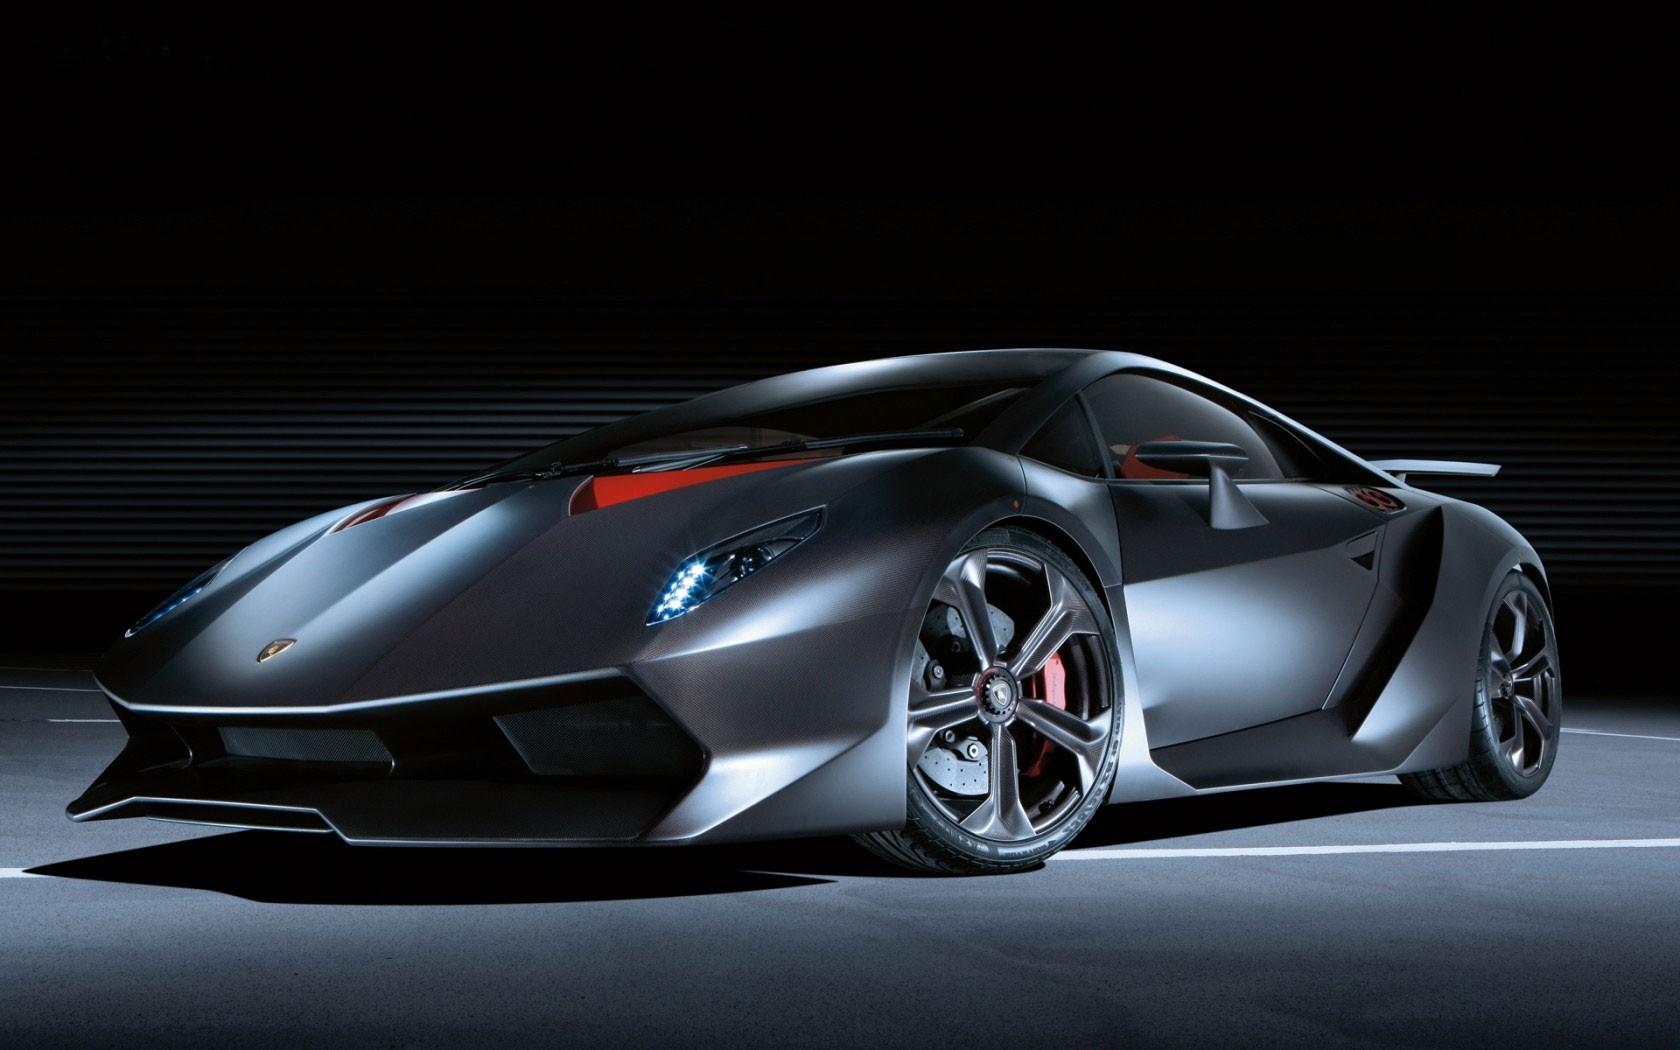 Lamborghini Sesto Elemento 15675 Wallpaper Wallpaper hd 1680x1050